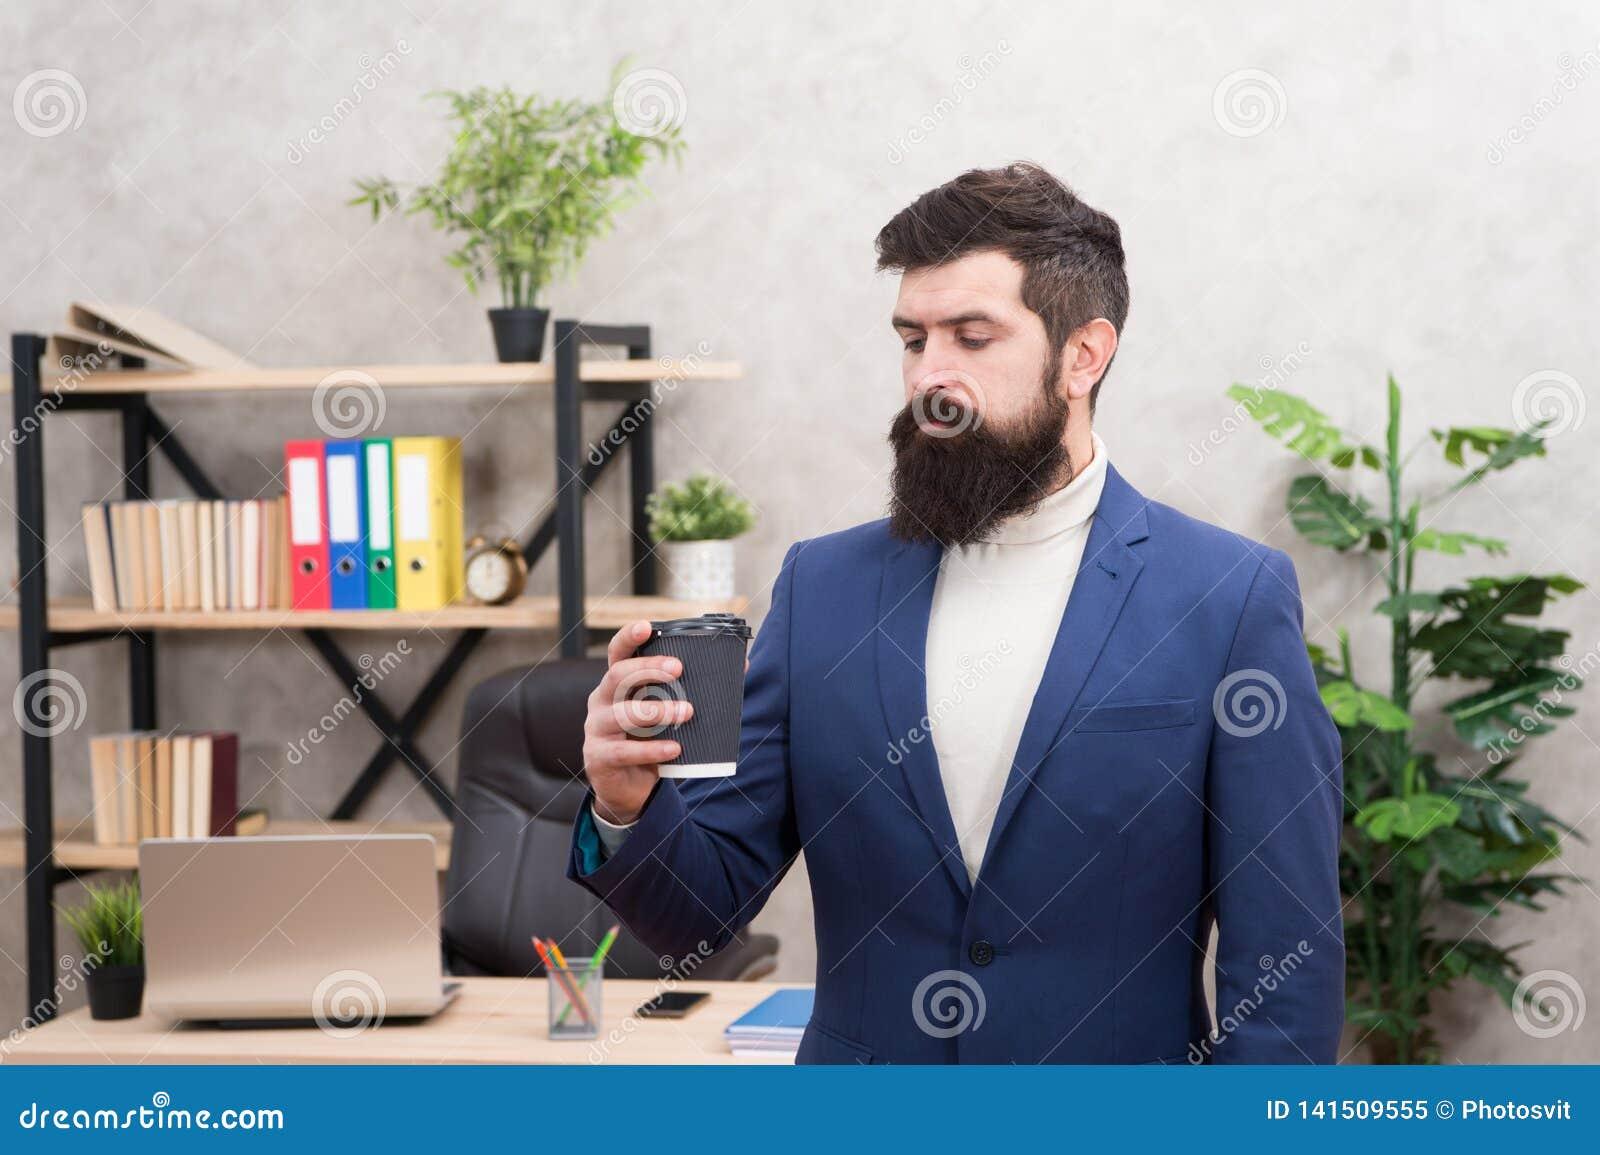 Anledningskaffe förbättrar kontorskultur För chefaffärsman för man skäggig kopp kaffe för håll för entreprenör kopplad av chef